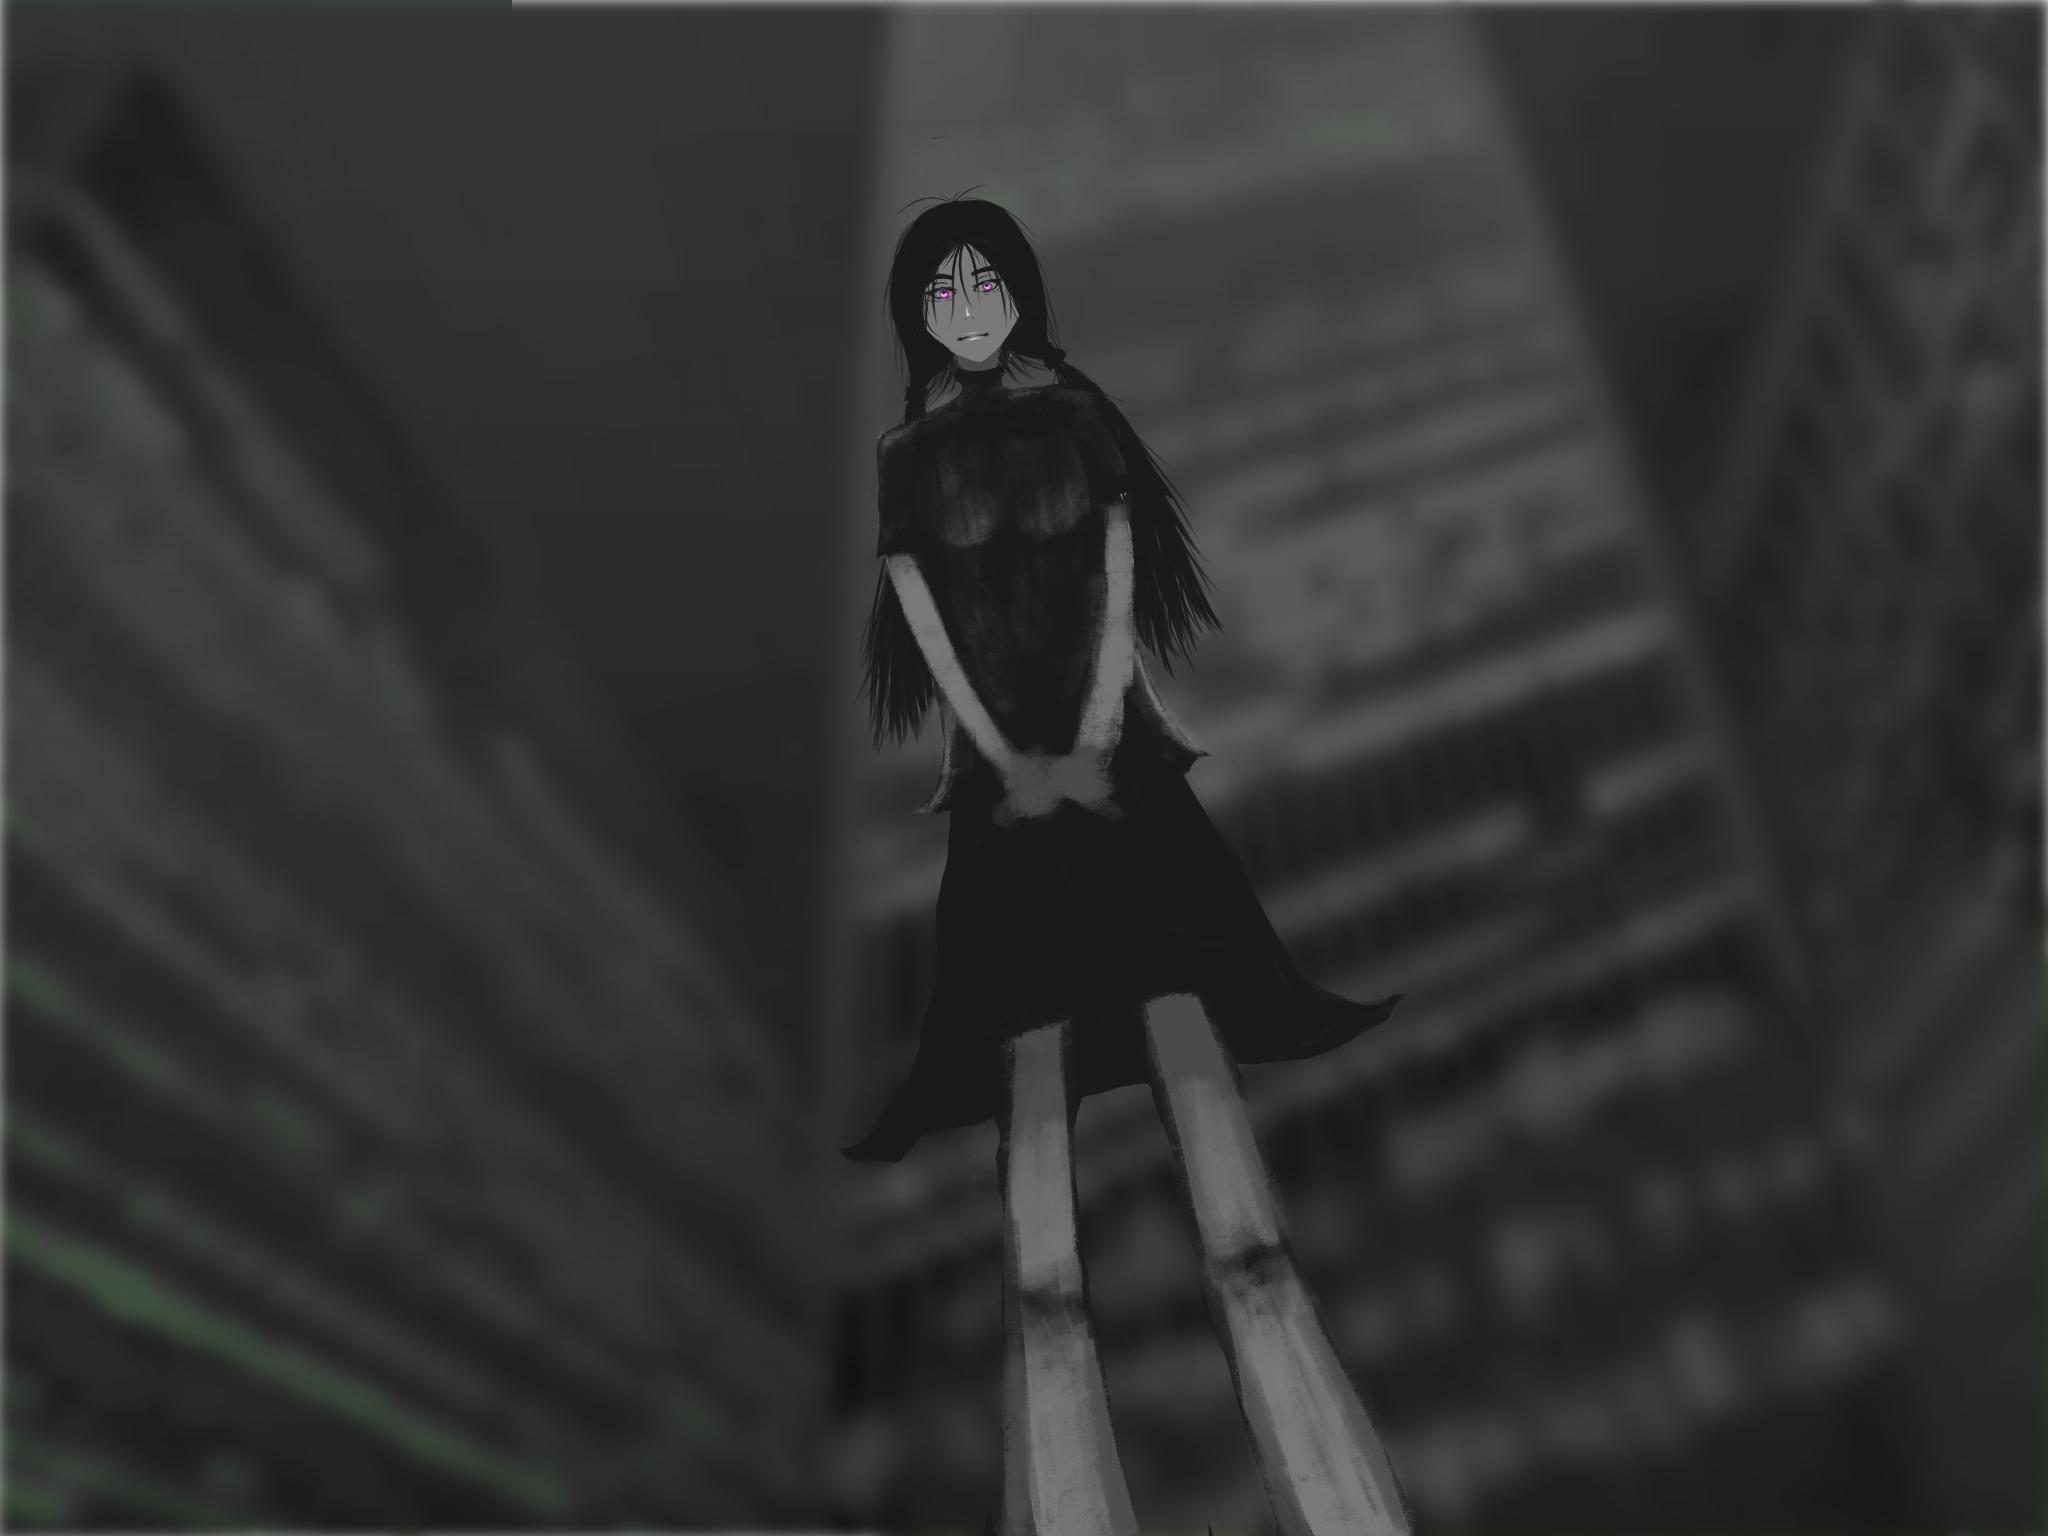 WIP Girl Looking Down by desertpunk12